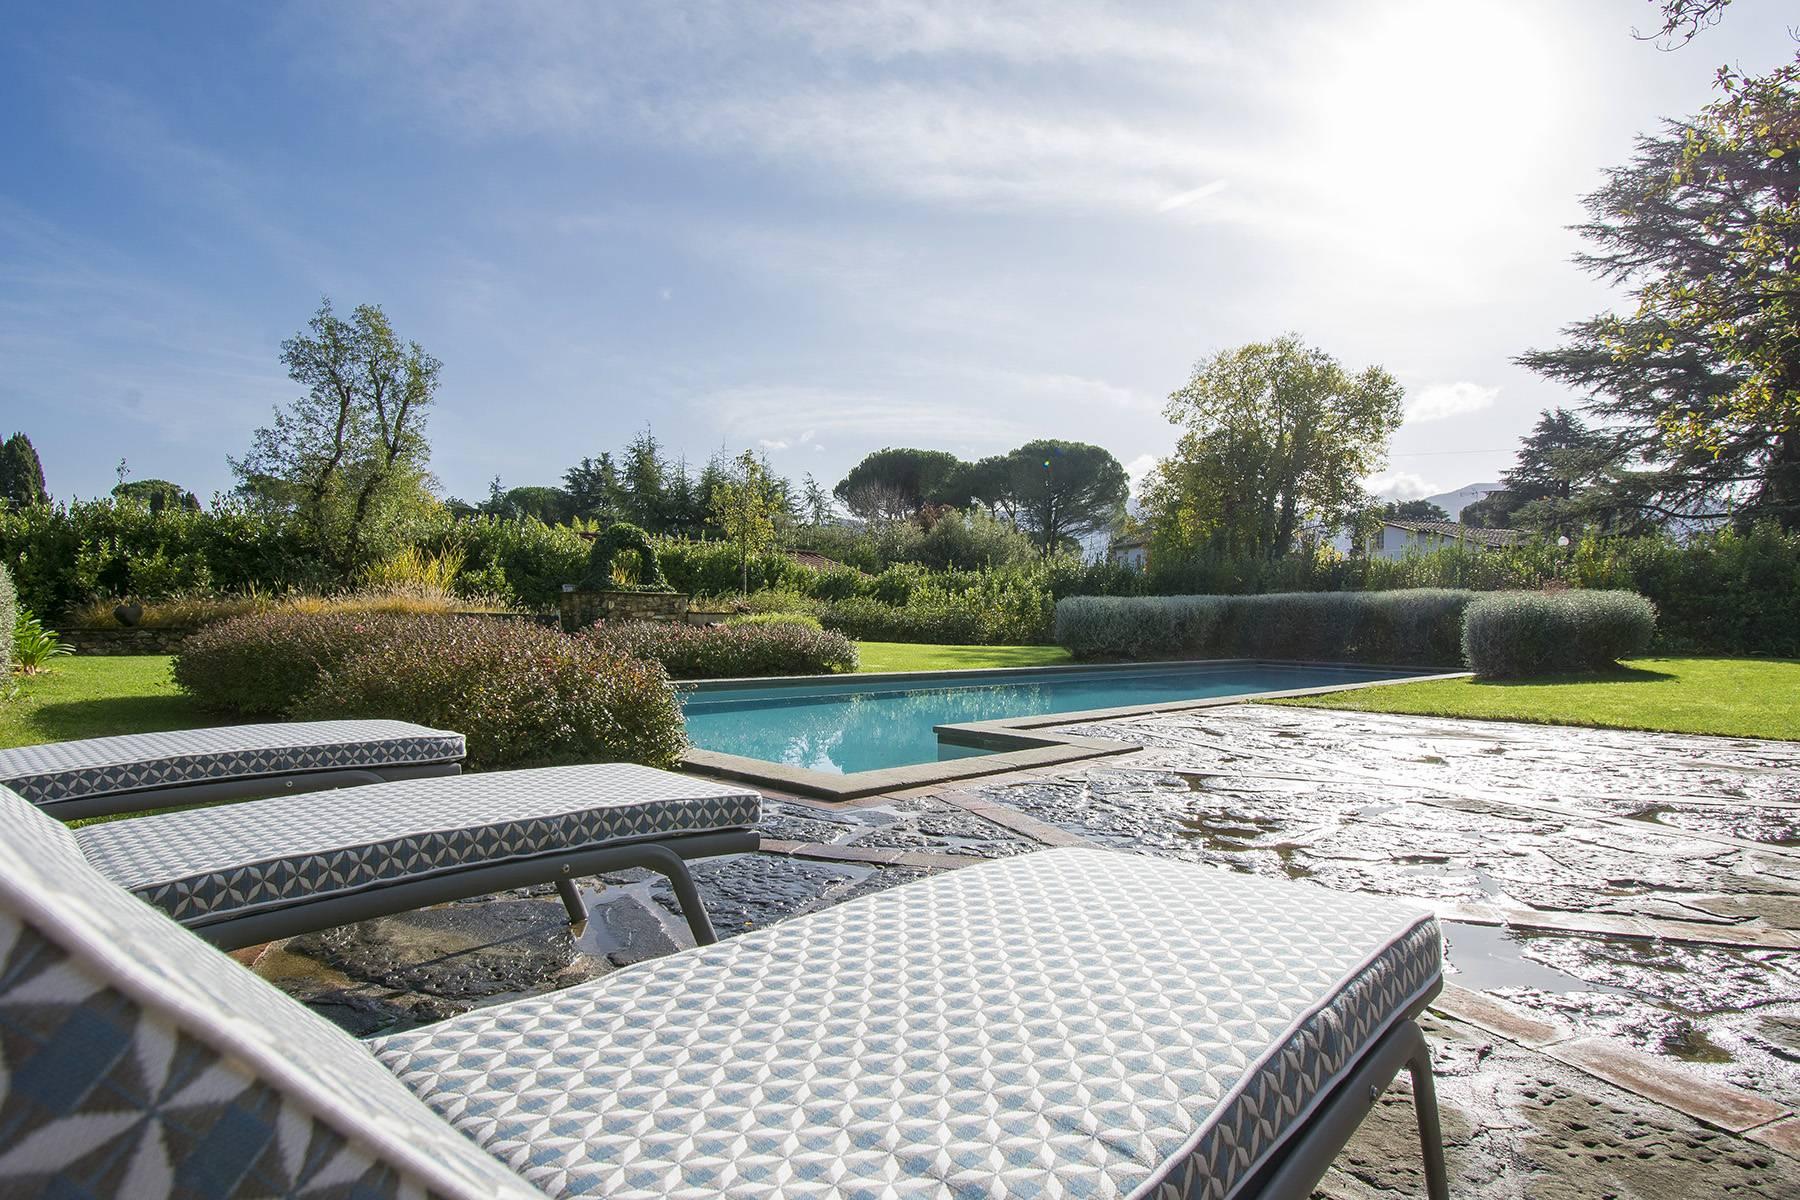 Casa indipendente in Vendita a Lucca: 5 locali, 130 mq - Foto 14